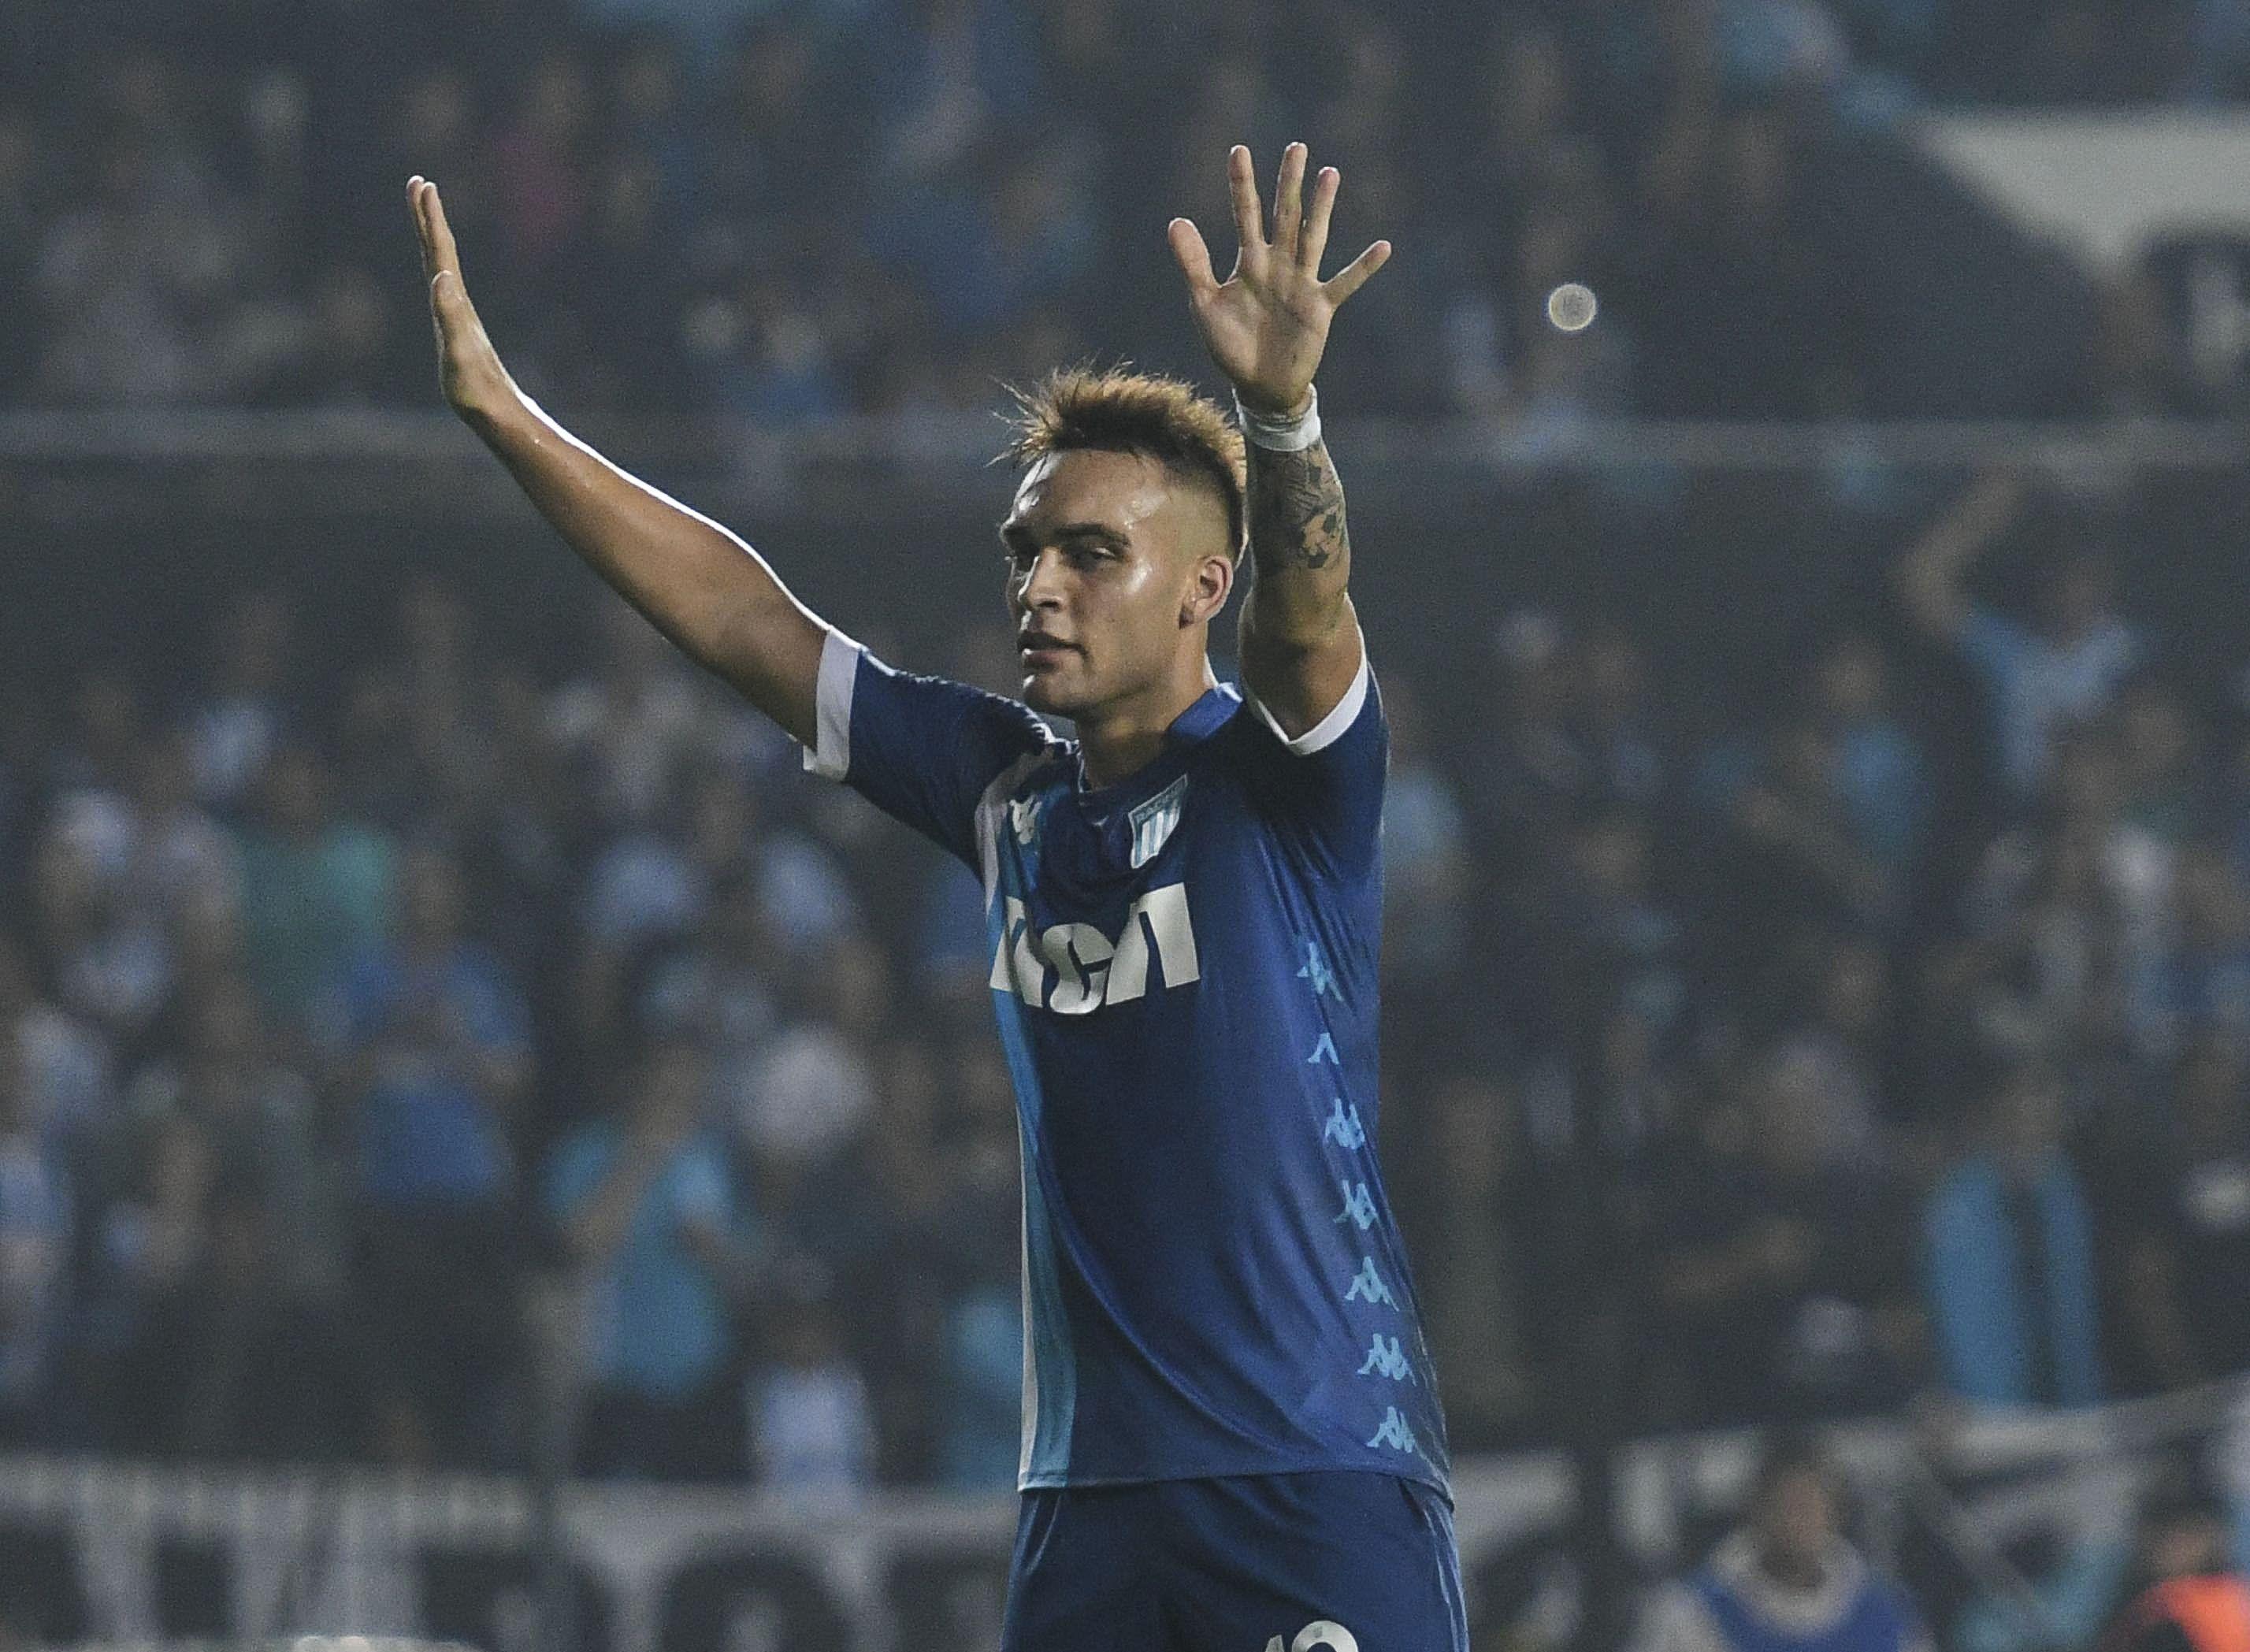 El festejo de Lautaro Martínez para el segundo gol de Racing ante Arsenal